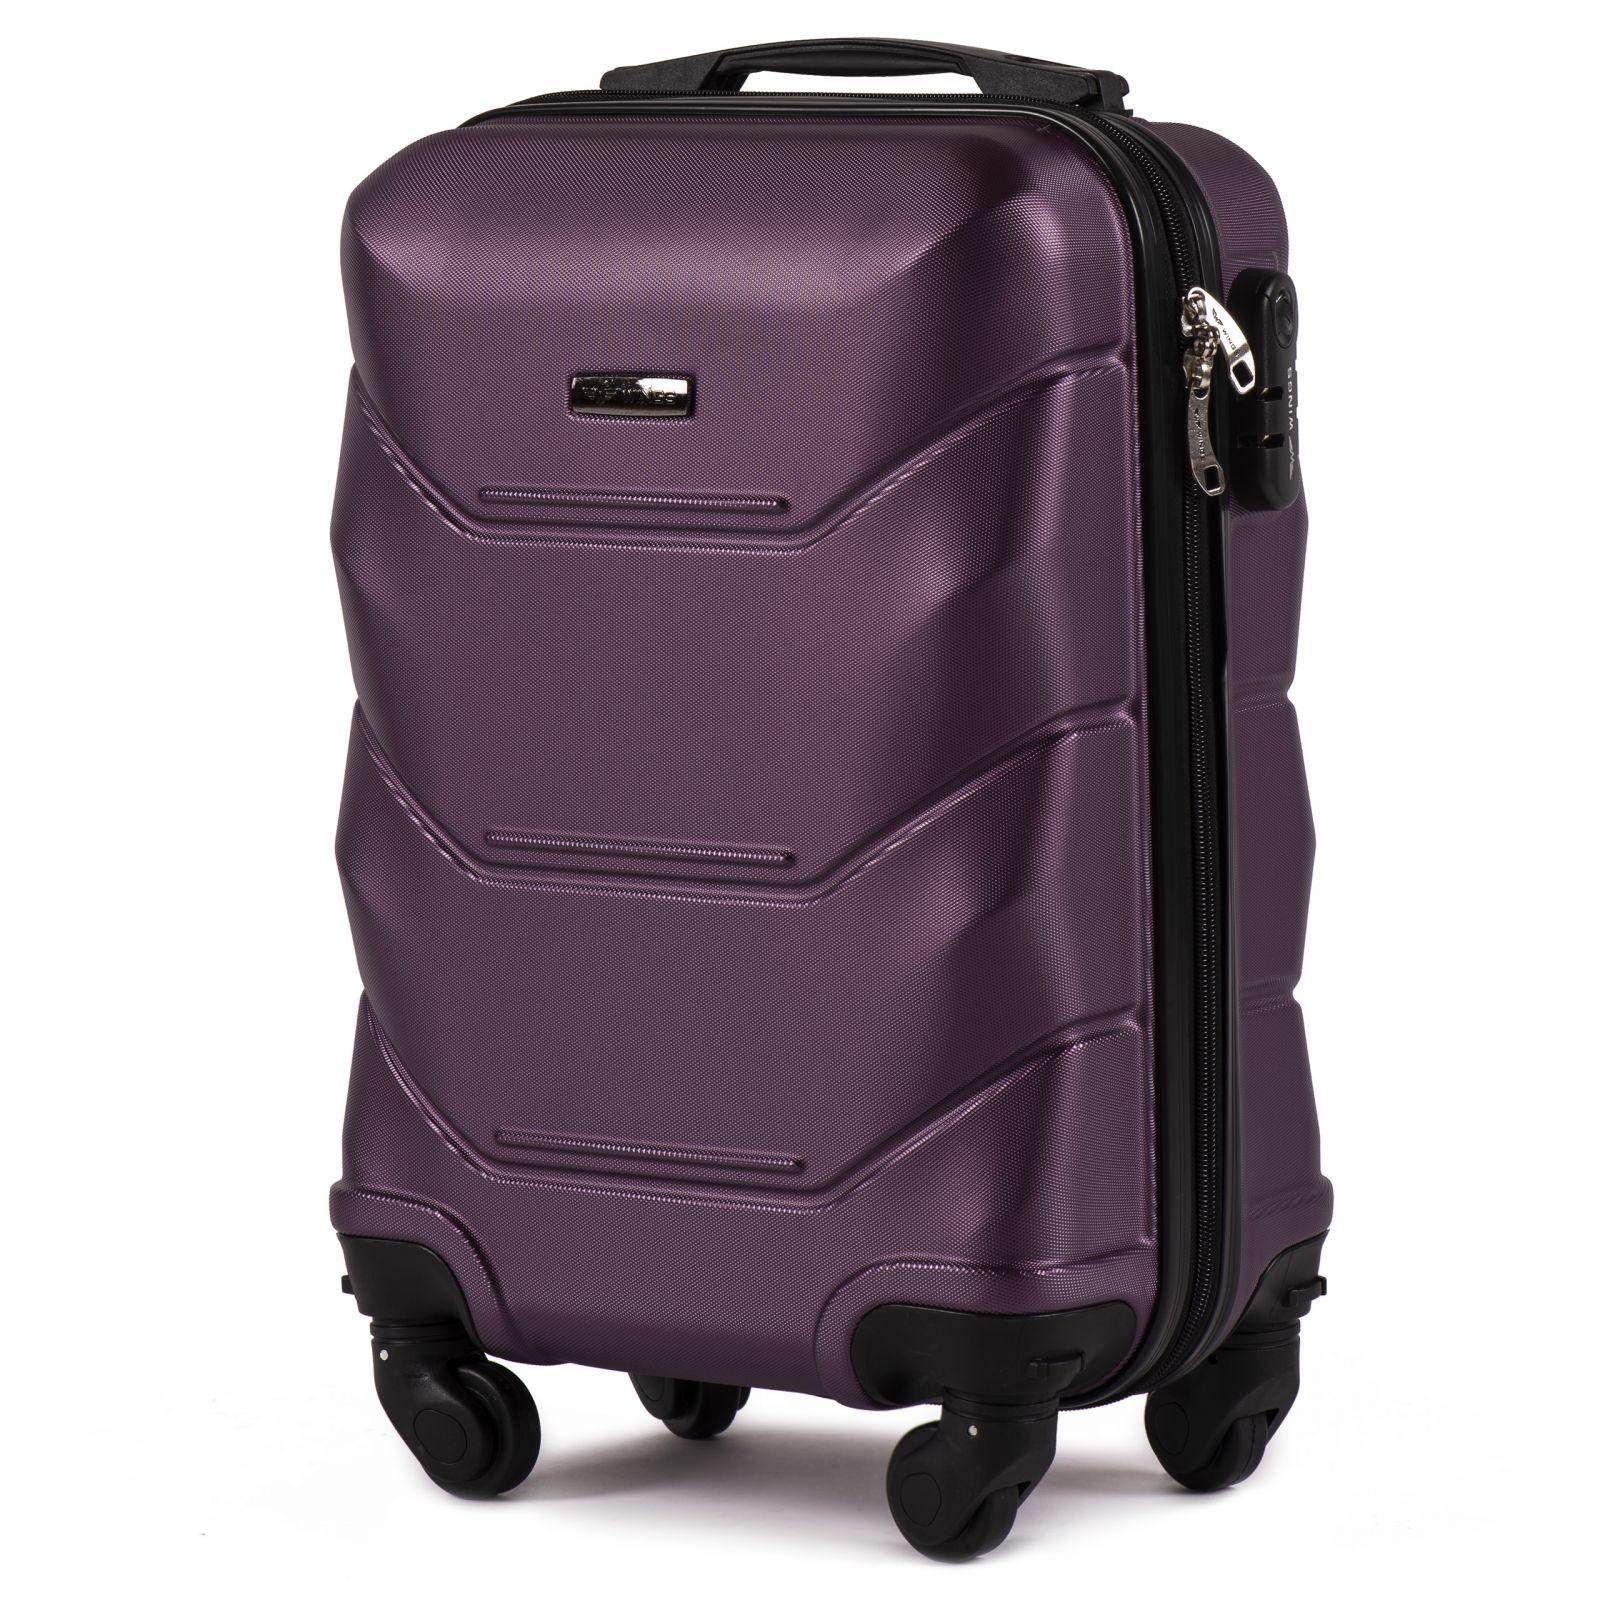 Cestovní kufr WINGS 147 ABS DARK PURPLE malý xS